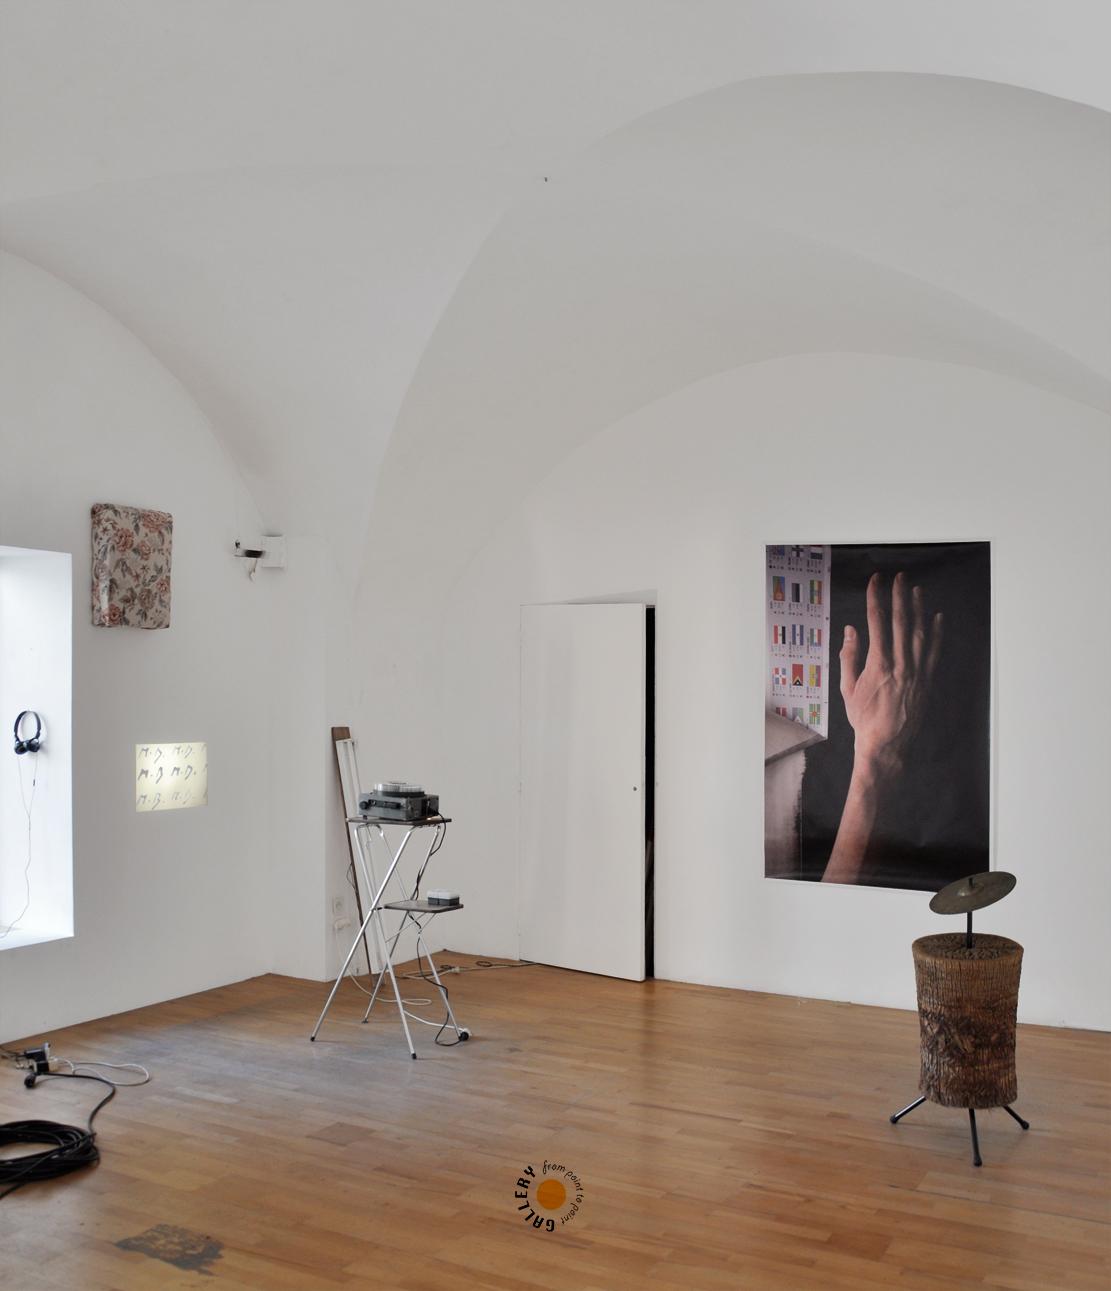 Resonance's Exhibition